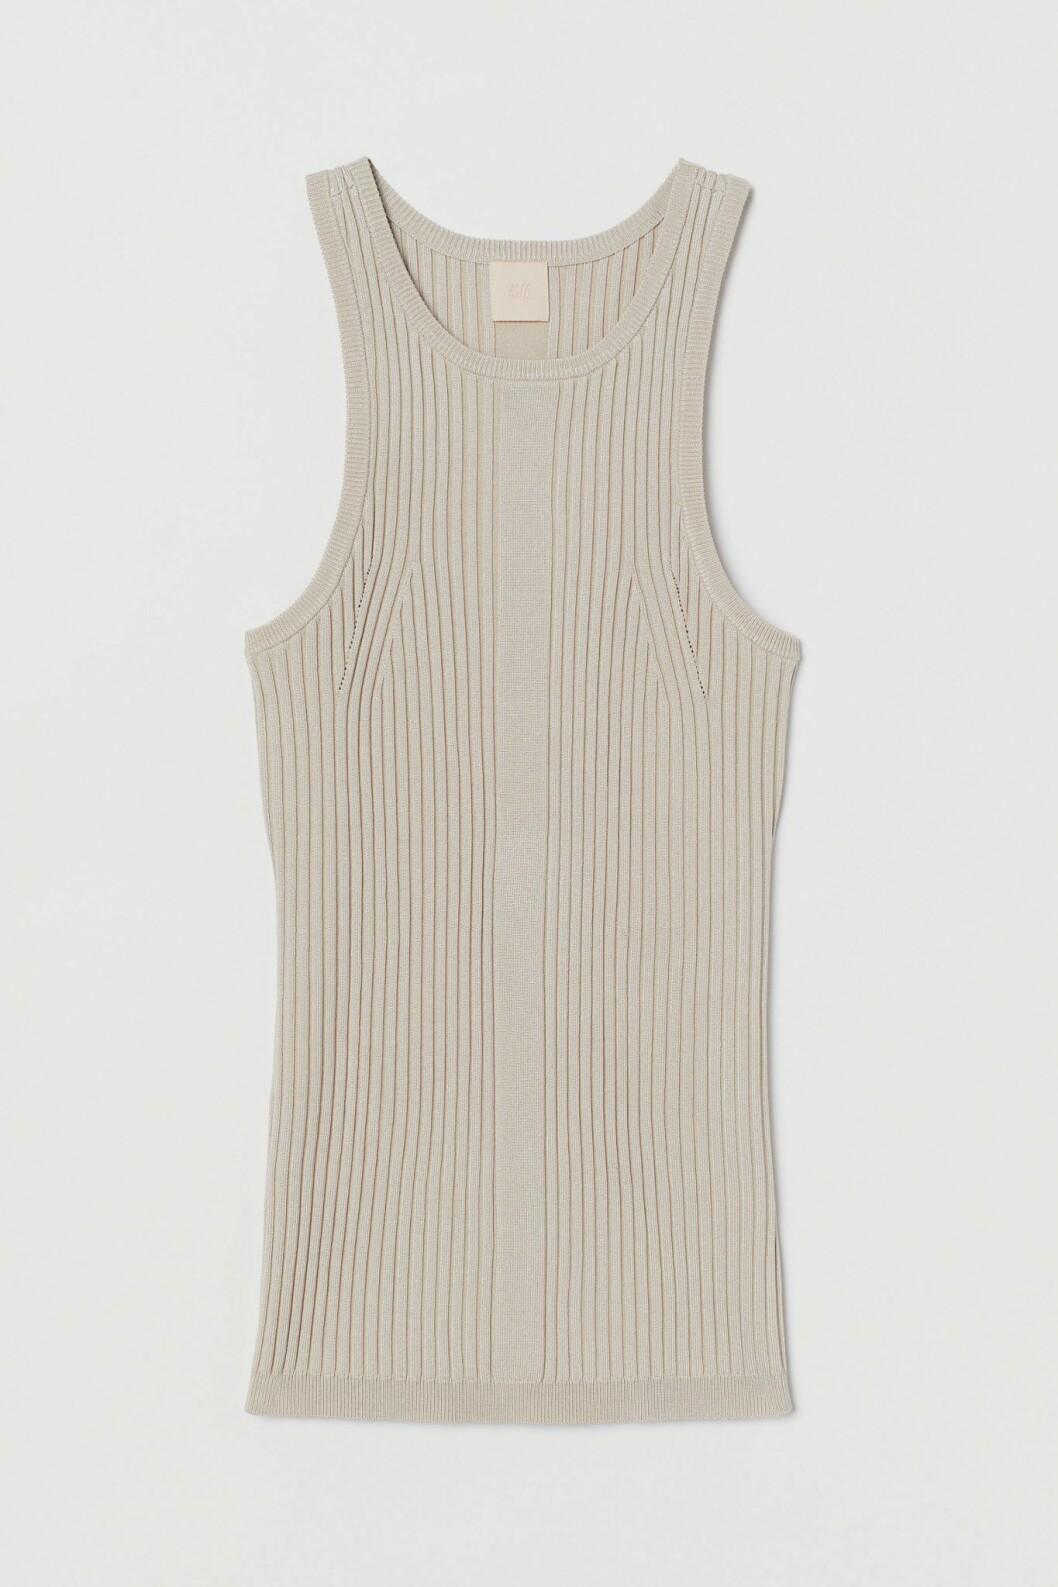 Bär ett ribb-stickat linne med hög hals under kavajen för en stilren look. Linne i beige från H&M.